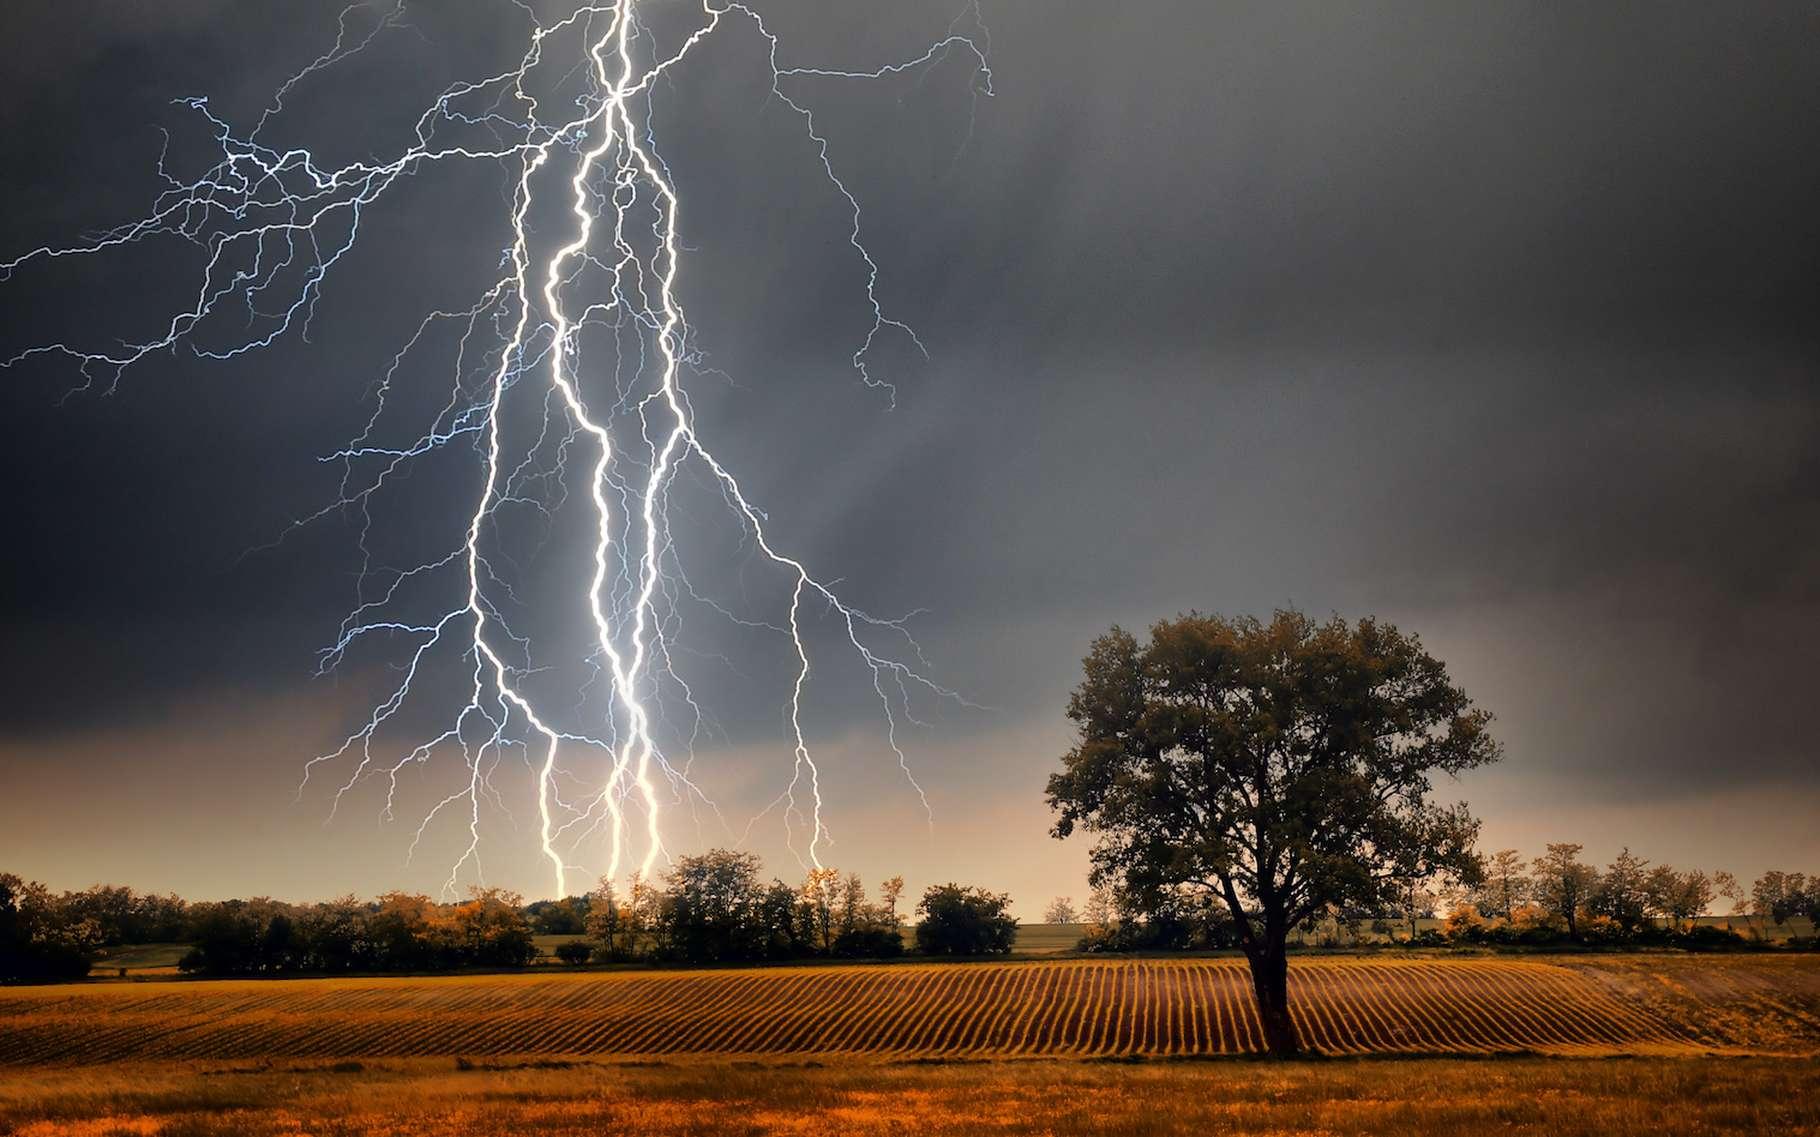 Le spectacle de la foudre est merveilleux. Mais lorsque celle-ci frappe, elle peut faire bien de dégâts. Et notamment, allumer des feux de forêt qui prennent parfois de l'ampleur. C'est pourquoi les chercheurs espèrent parvenir à contrôler le phénomène. © Balazs Kovacs Images, Adobe Stock